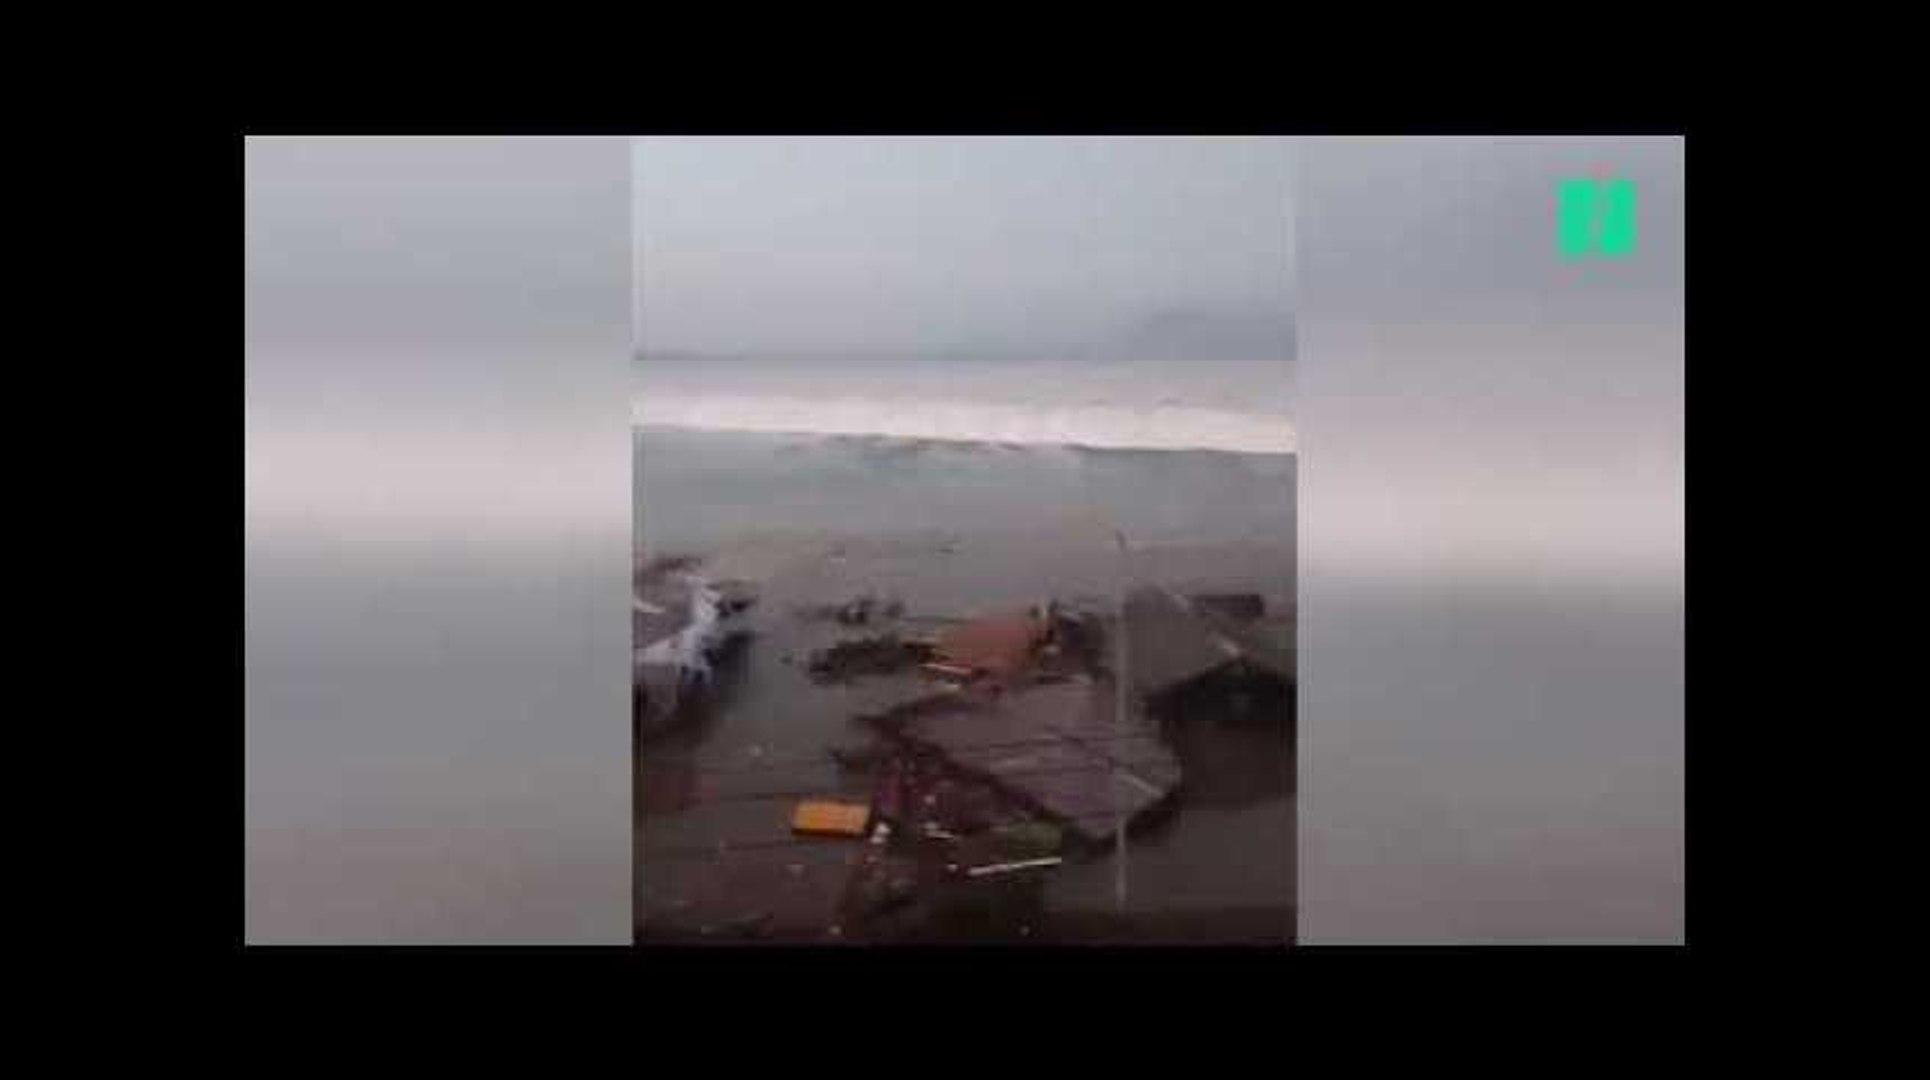 Les images du tsunami en Indonésie, qui a ravagé les côtes des Célèbes